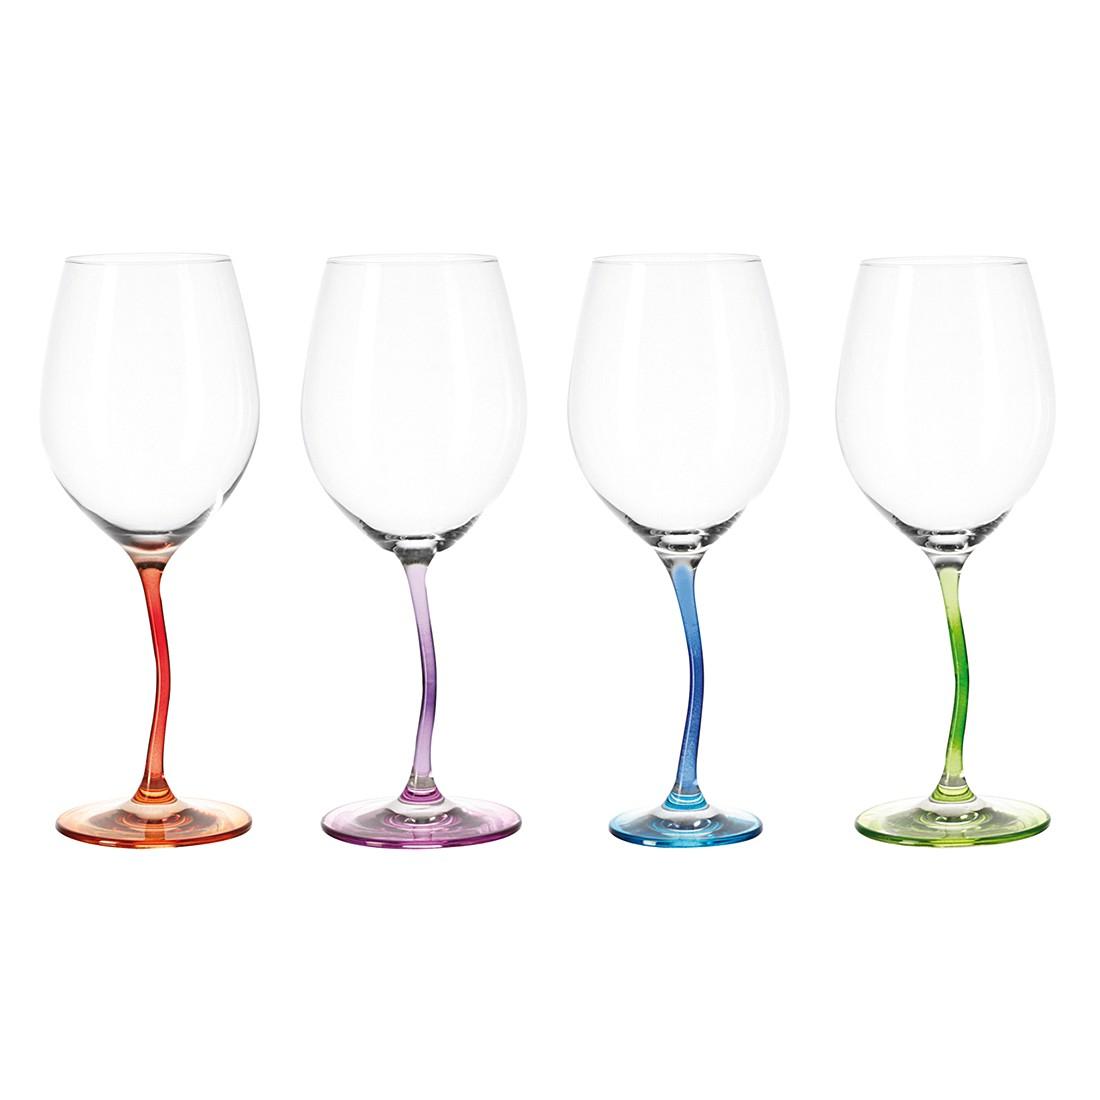 Weinglas Modella (4er-Set) – Farbig sortiert, Leonardo günstig kaufen